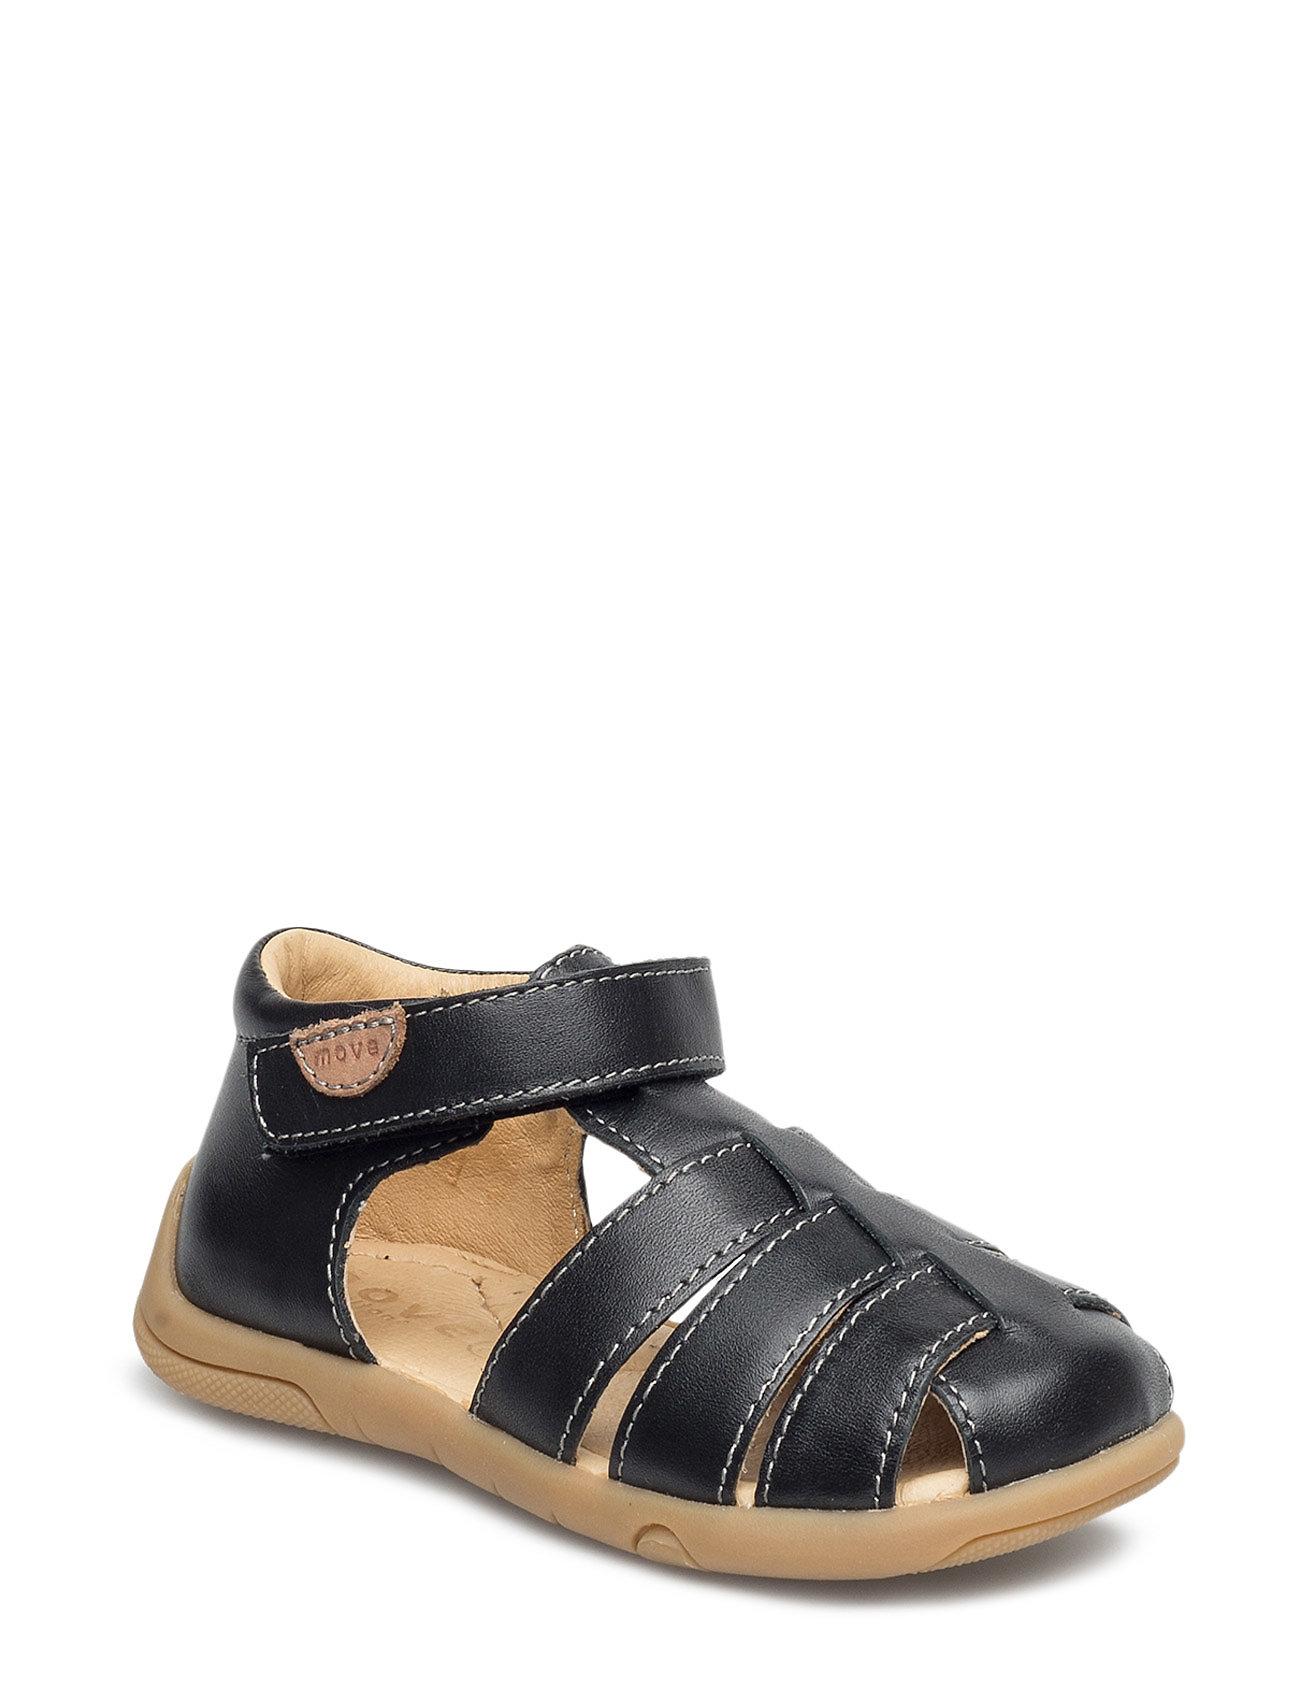 7857d14e3548 BLACK 190 Move by Melton Infant - Unisex Closed Sandal sandaler for ...